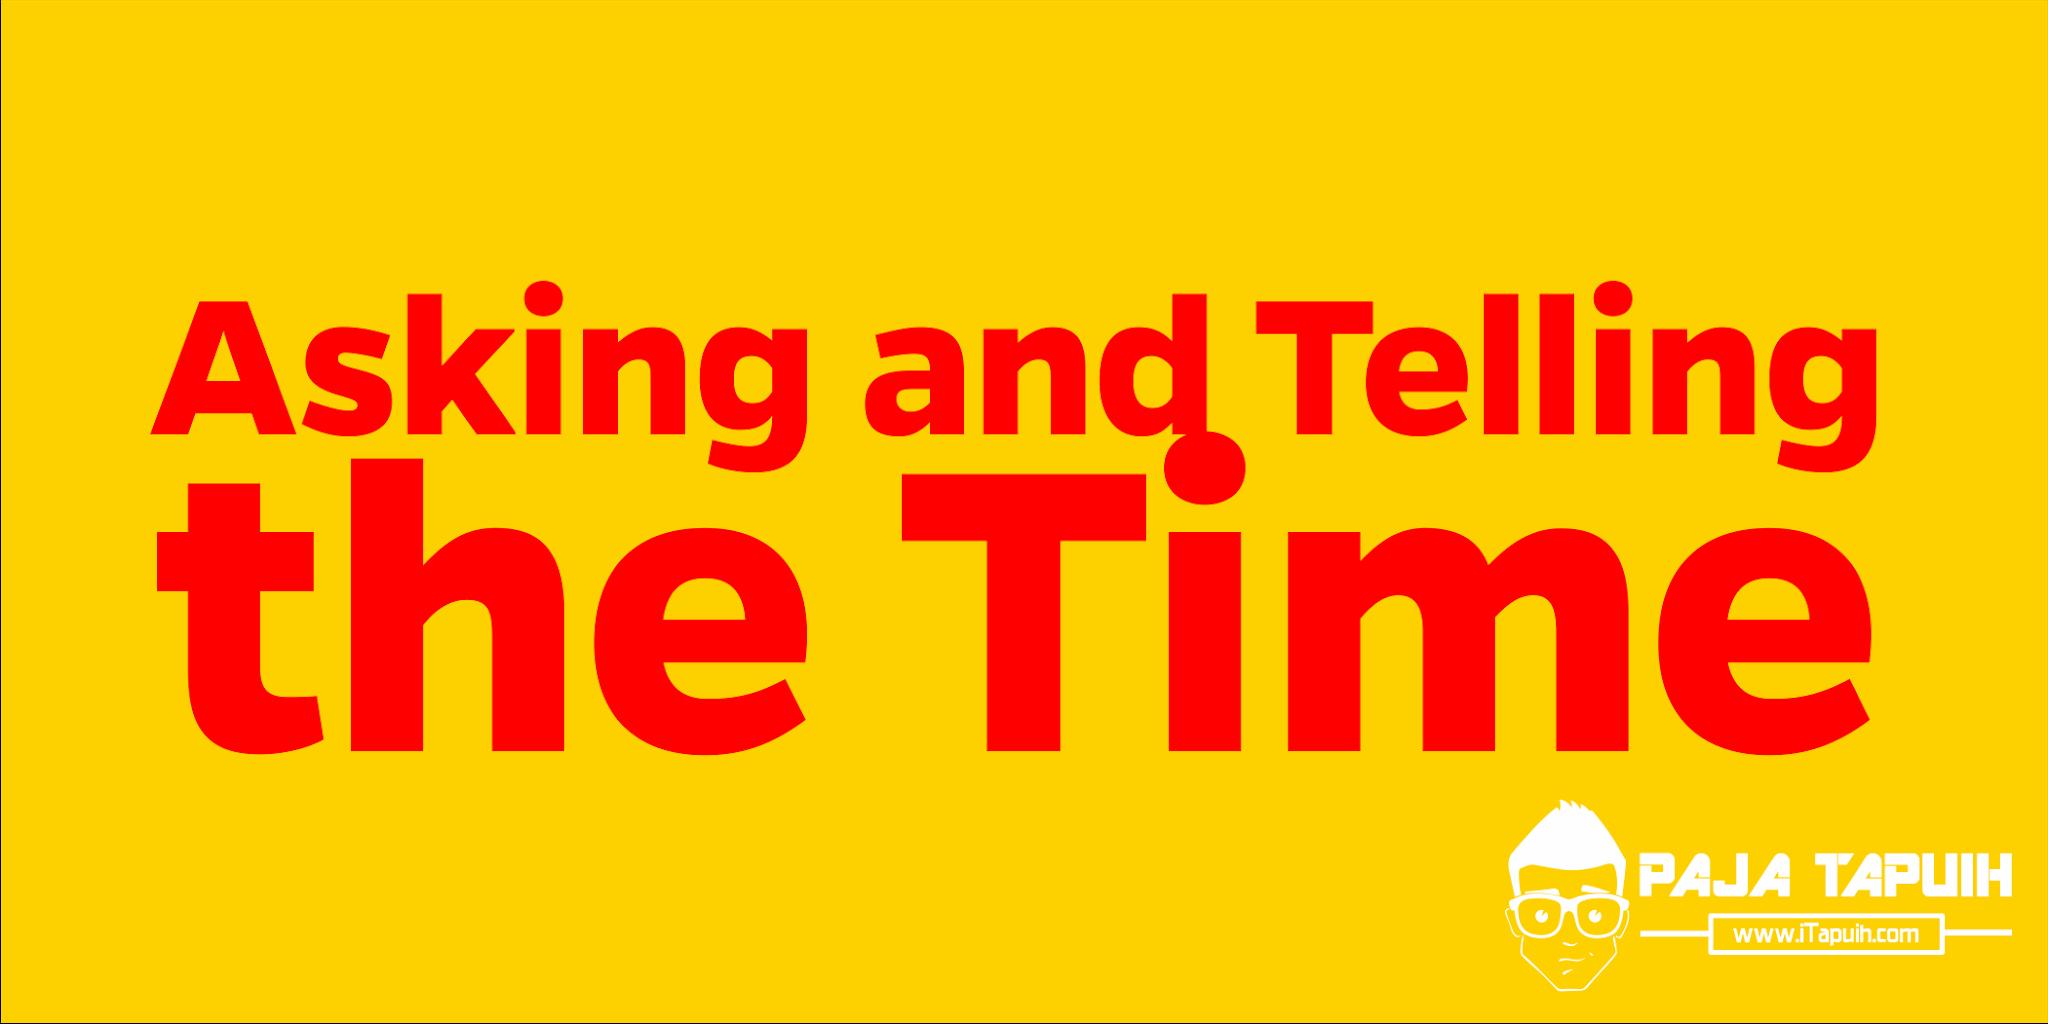 Asking and Telling the Time Beserta Contoh Soal Terlengkap